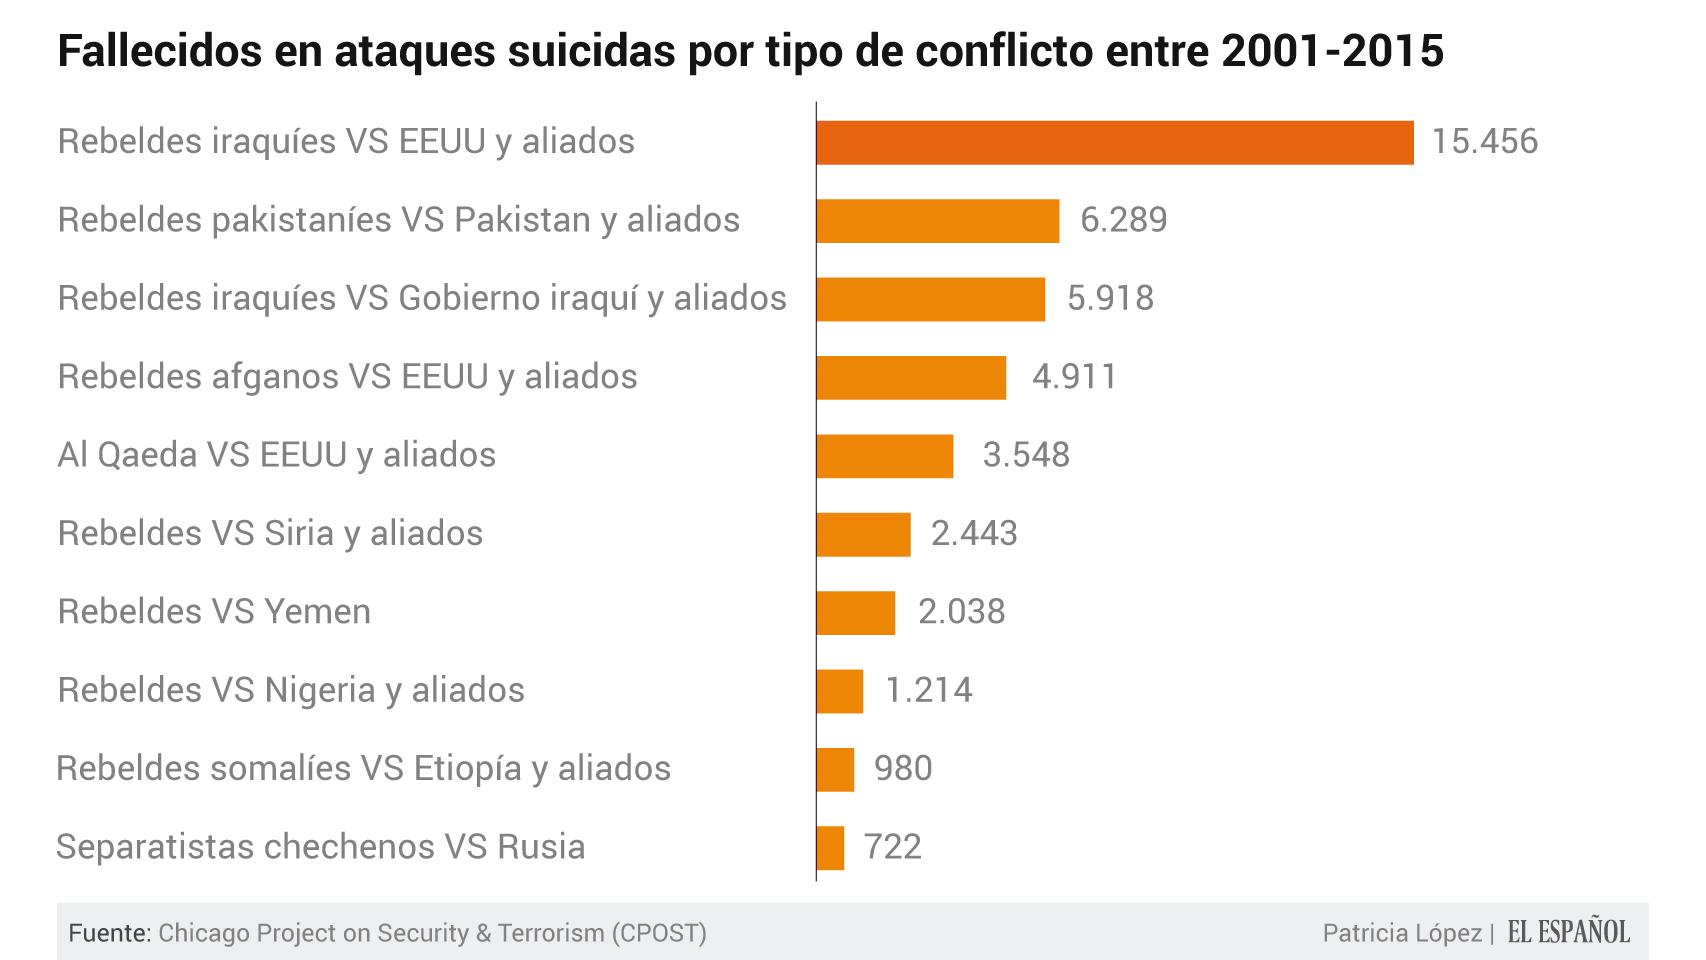 Irak, Pakistán y Afganistán son los países más atacados por kamikazes.